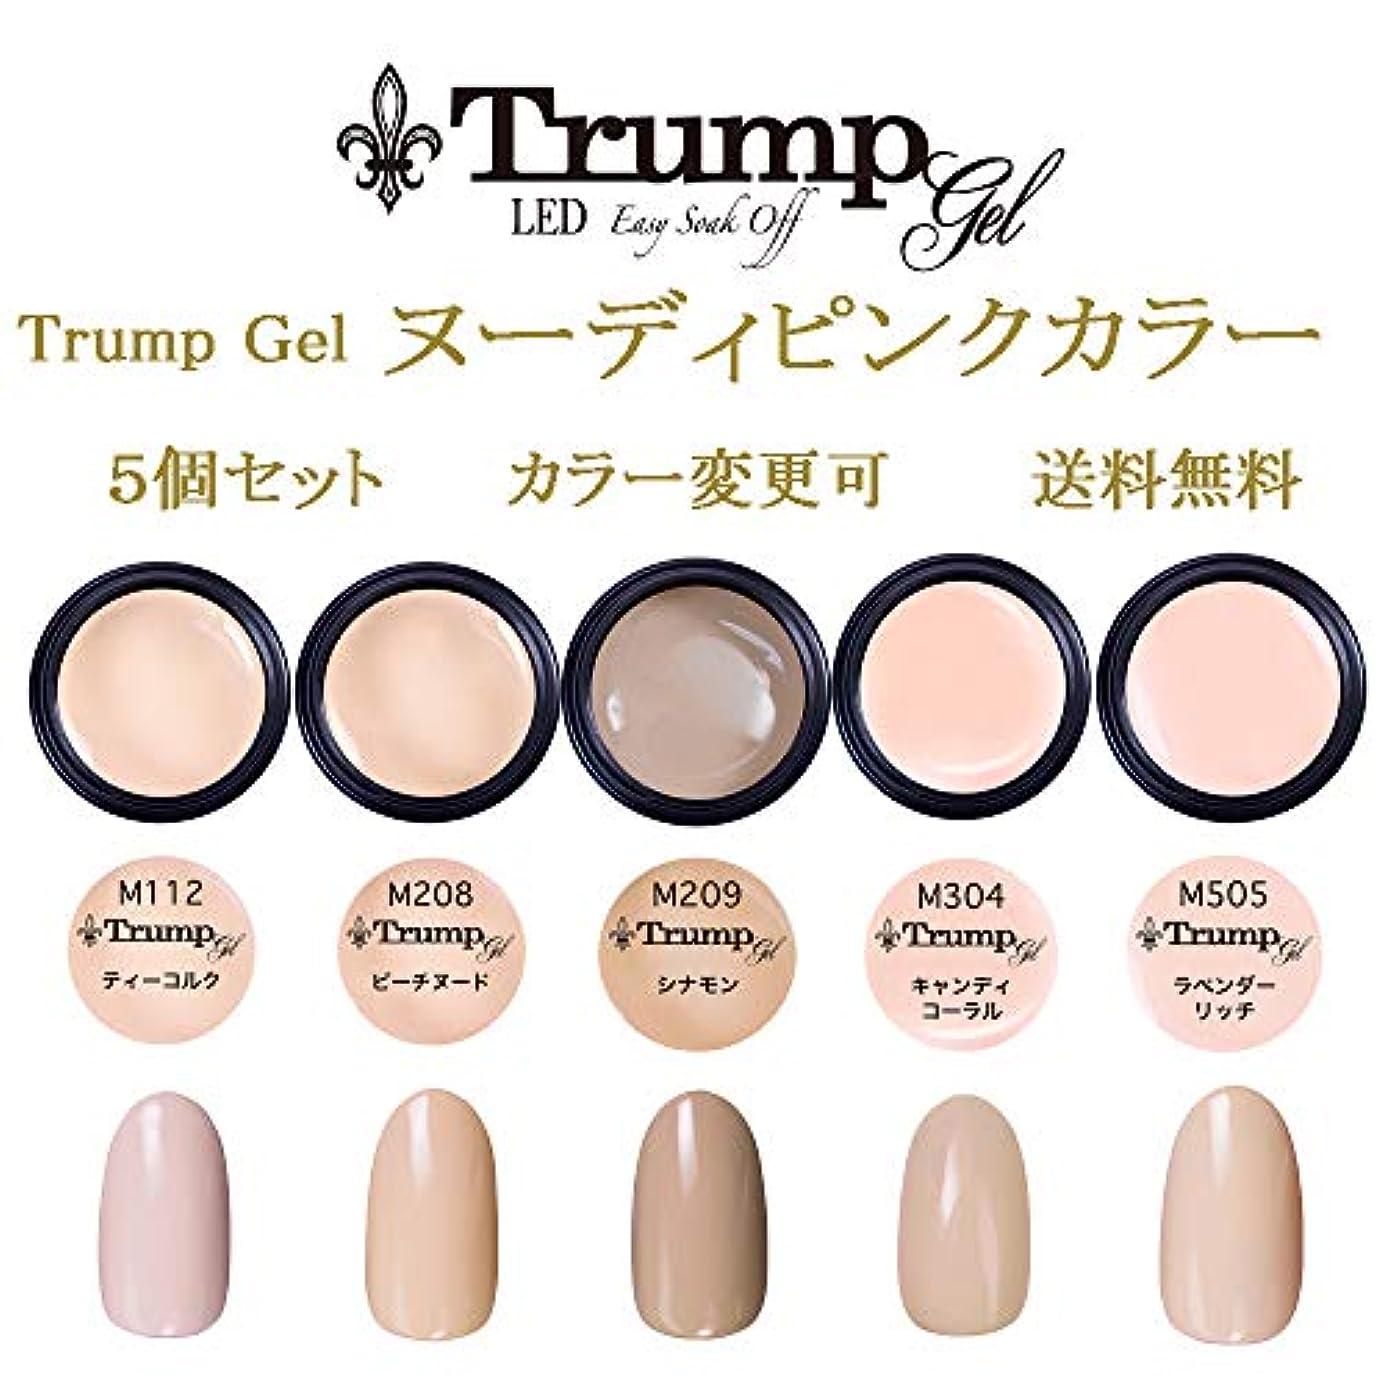 塩辛い不利益加速度日本製 Trump gel トランプジェル ヌーディピンク 選べる カラージェル 5個セット ピンク ベージュ ヌーディカラー